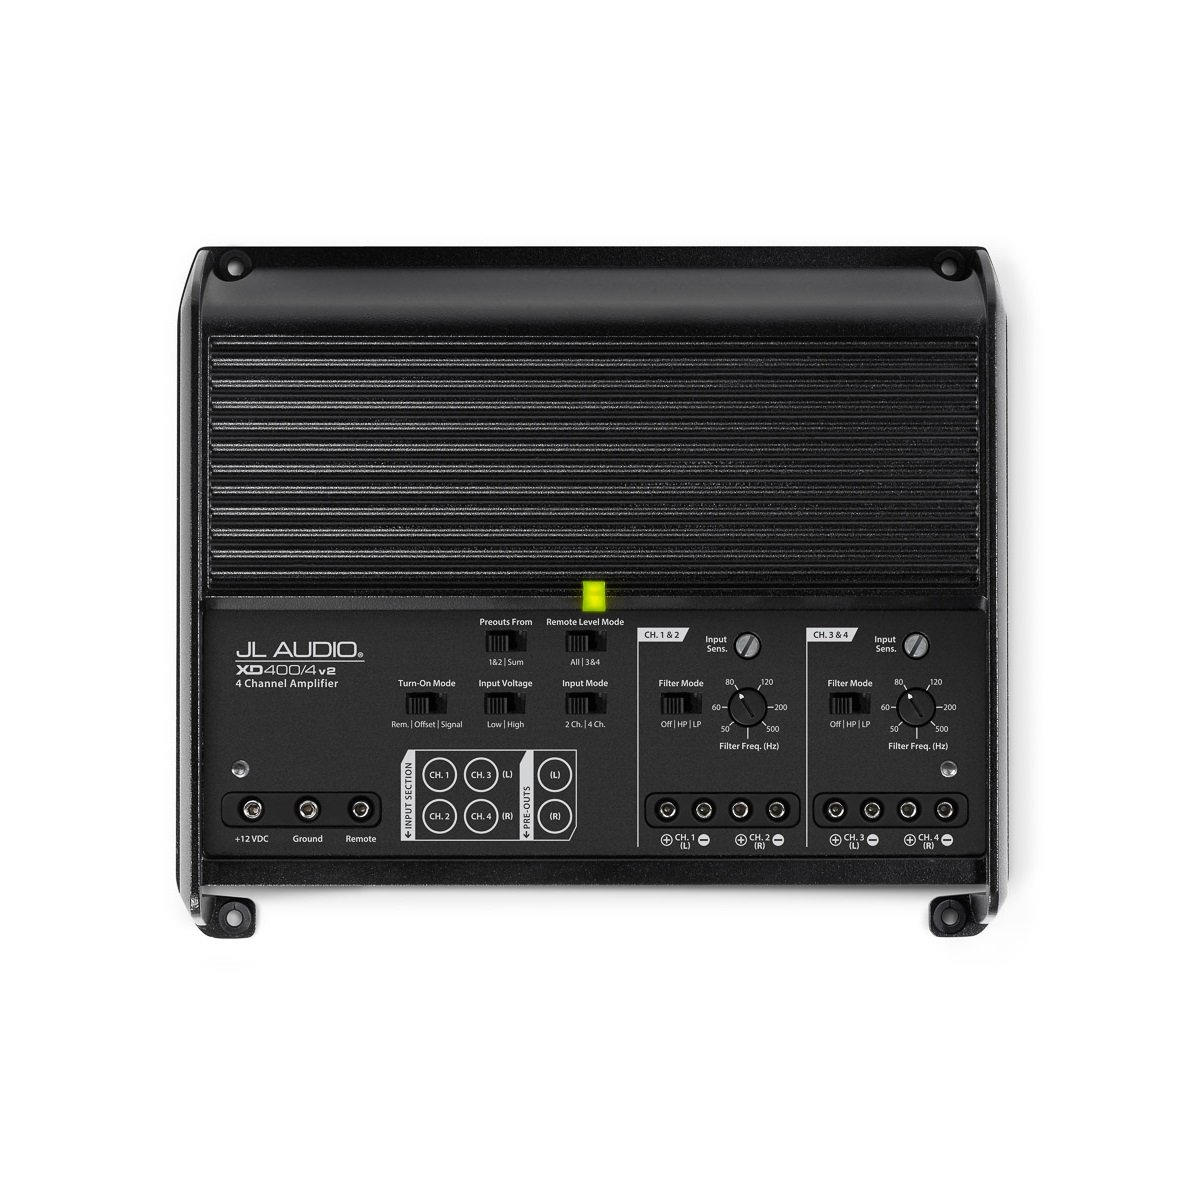 JL Audio XD400/4v2: 4 Ch. Class D Full-Range Amplifier, 400 W